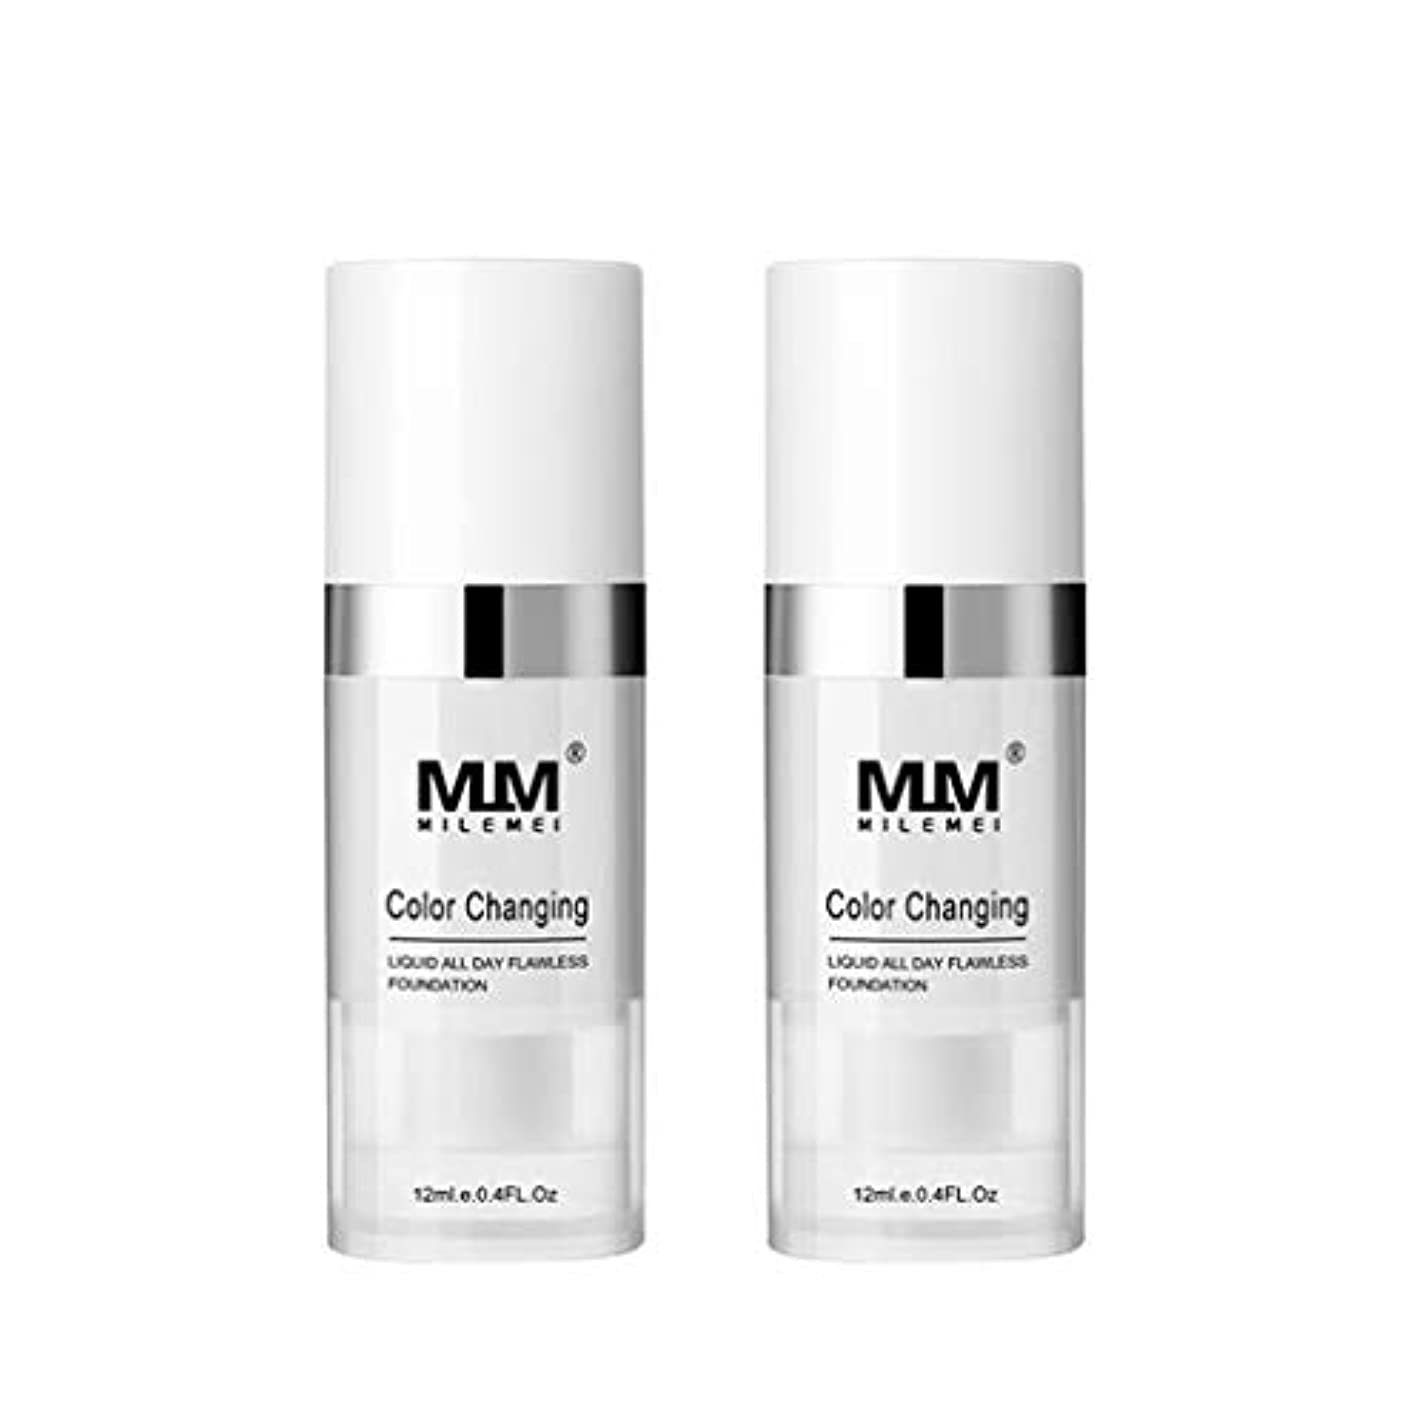 防衛岩赤外線MLM温暖化肌ファンデーション 変色ファンデーション化粧ベースヌード化粧カバーコンシーラー肌色を明るくする 日焼け止め 毎日の使用 (2個)